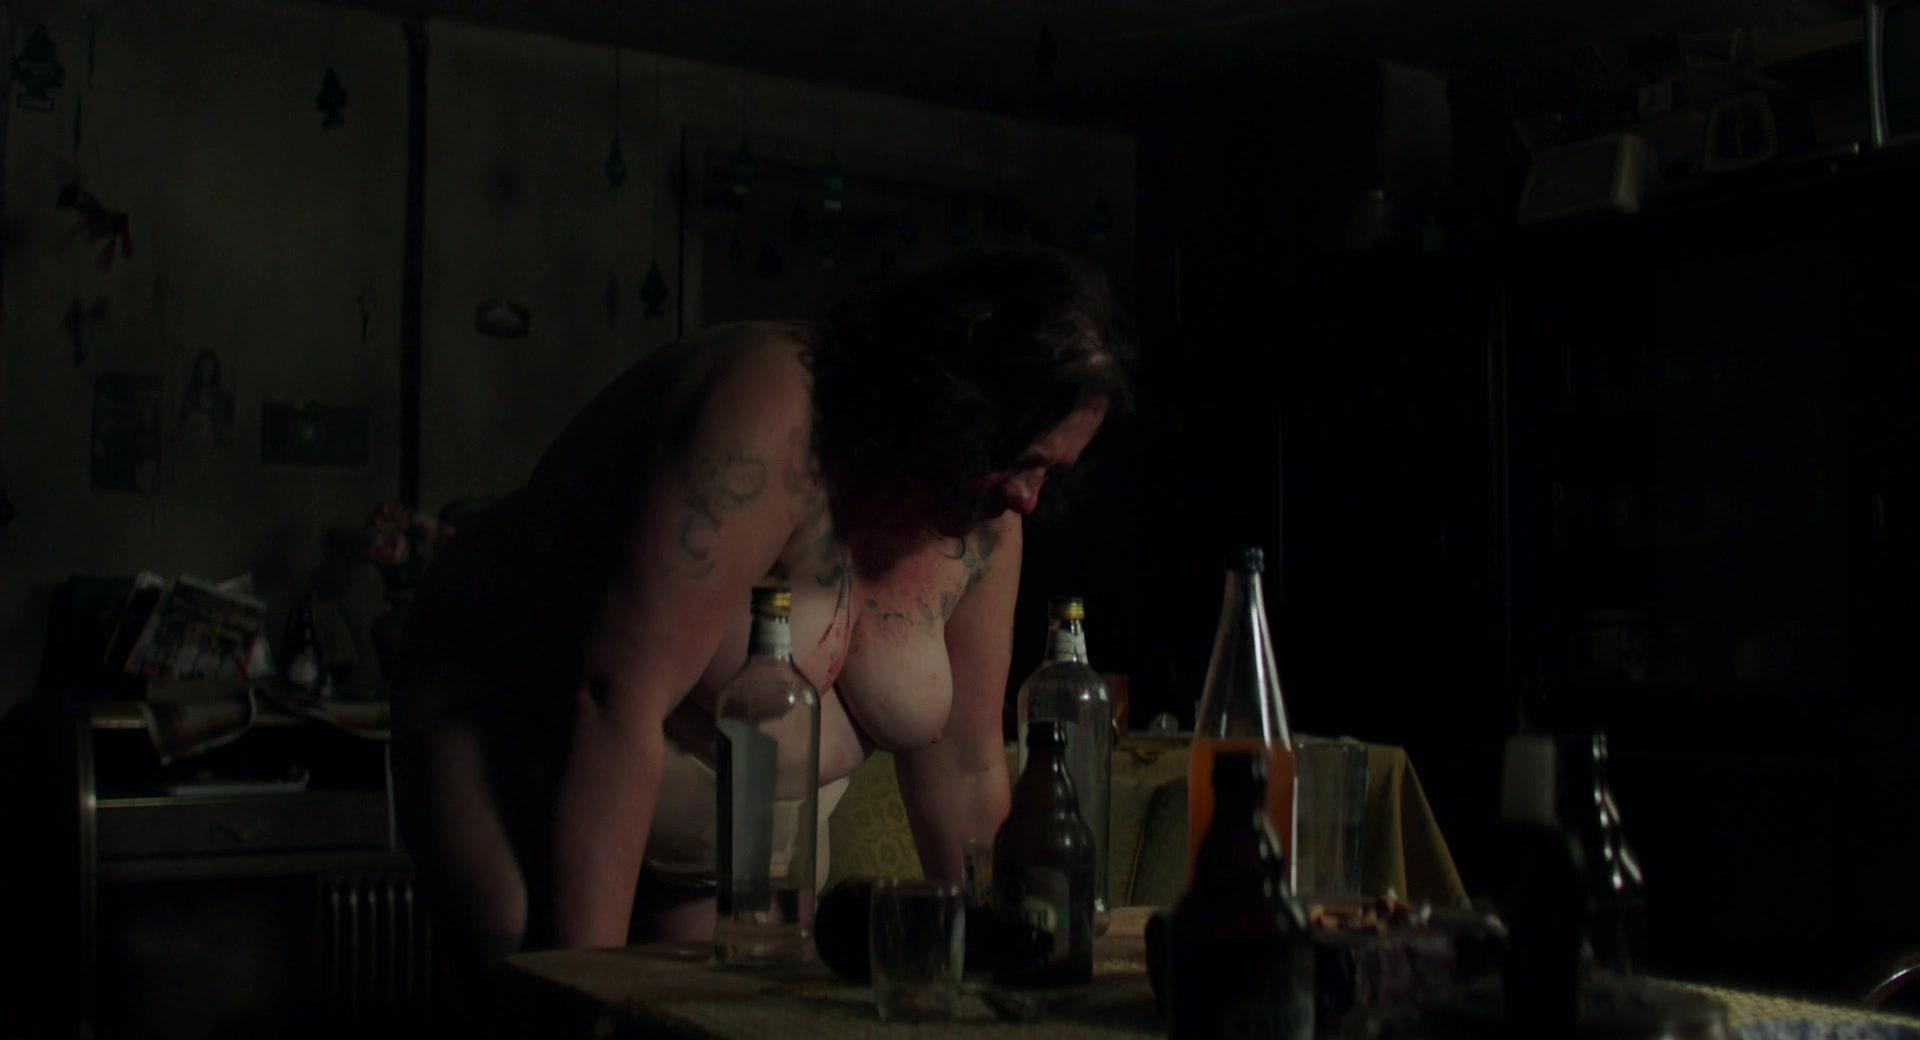 Nackt margarethe tiesel Margarethe Tiesel